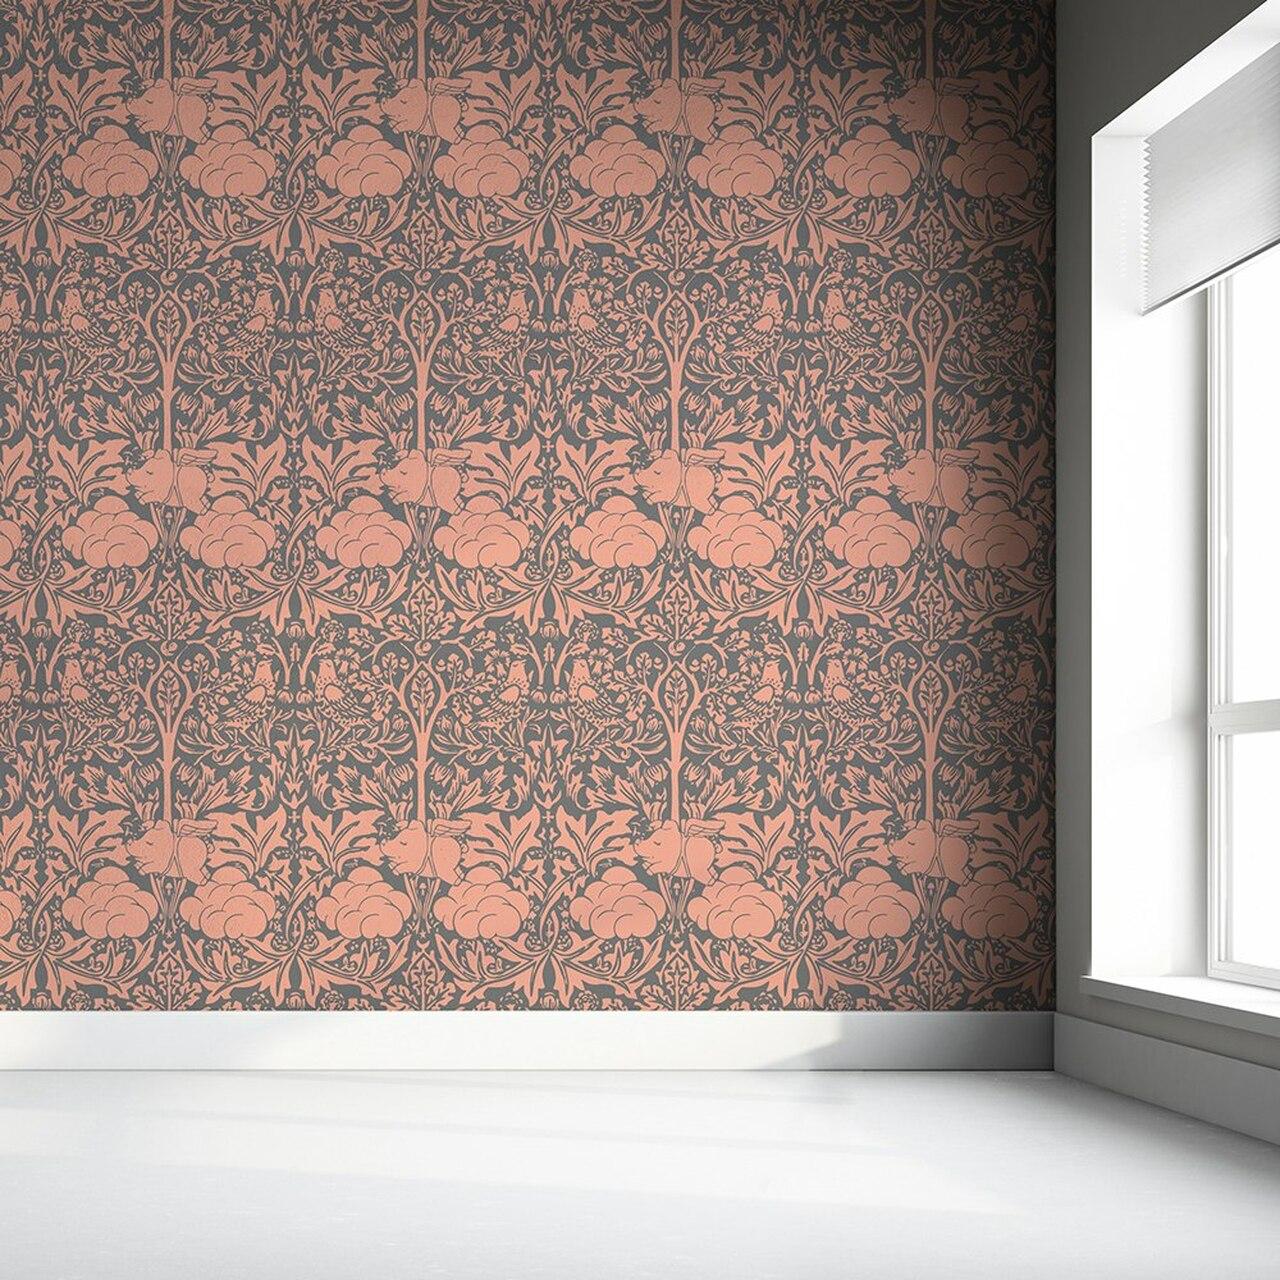 Morris Dream - Peachy Pink And grey Wallpaper